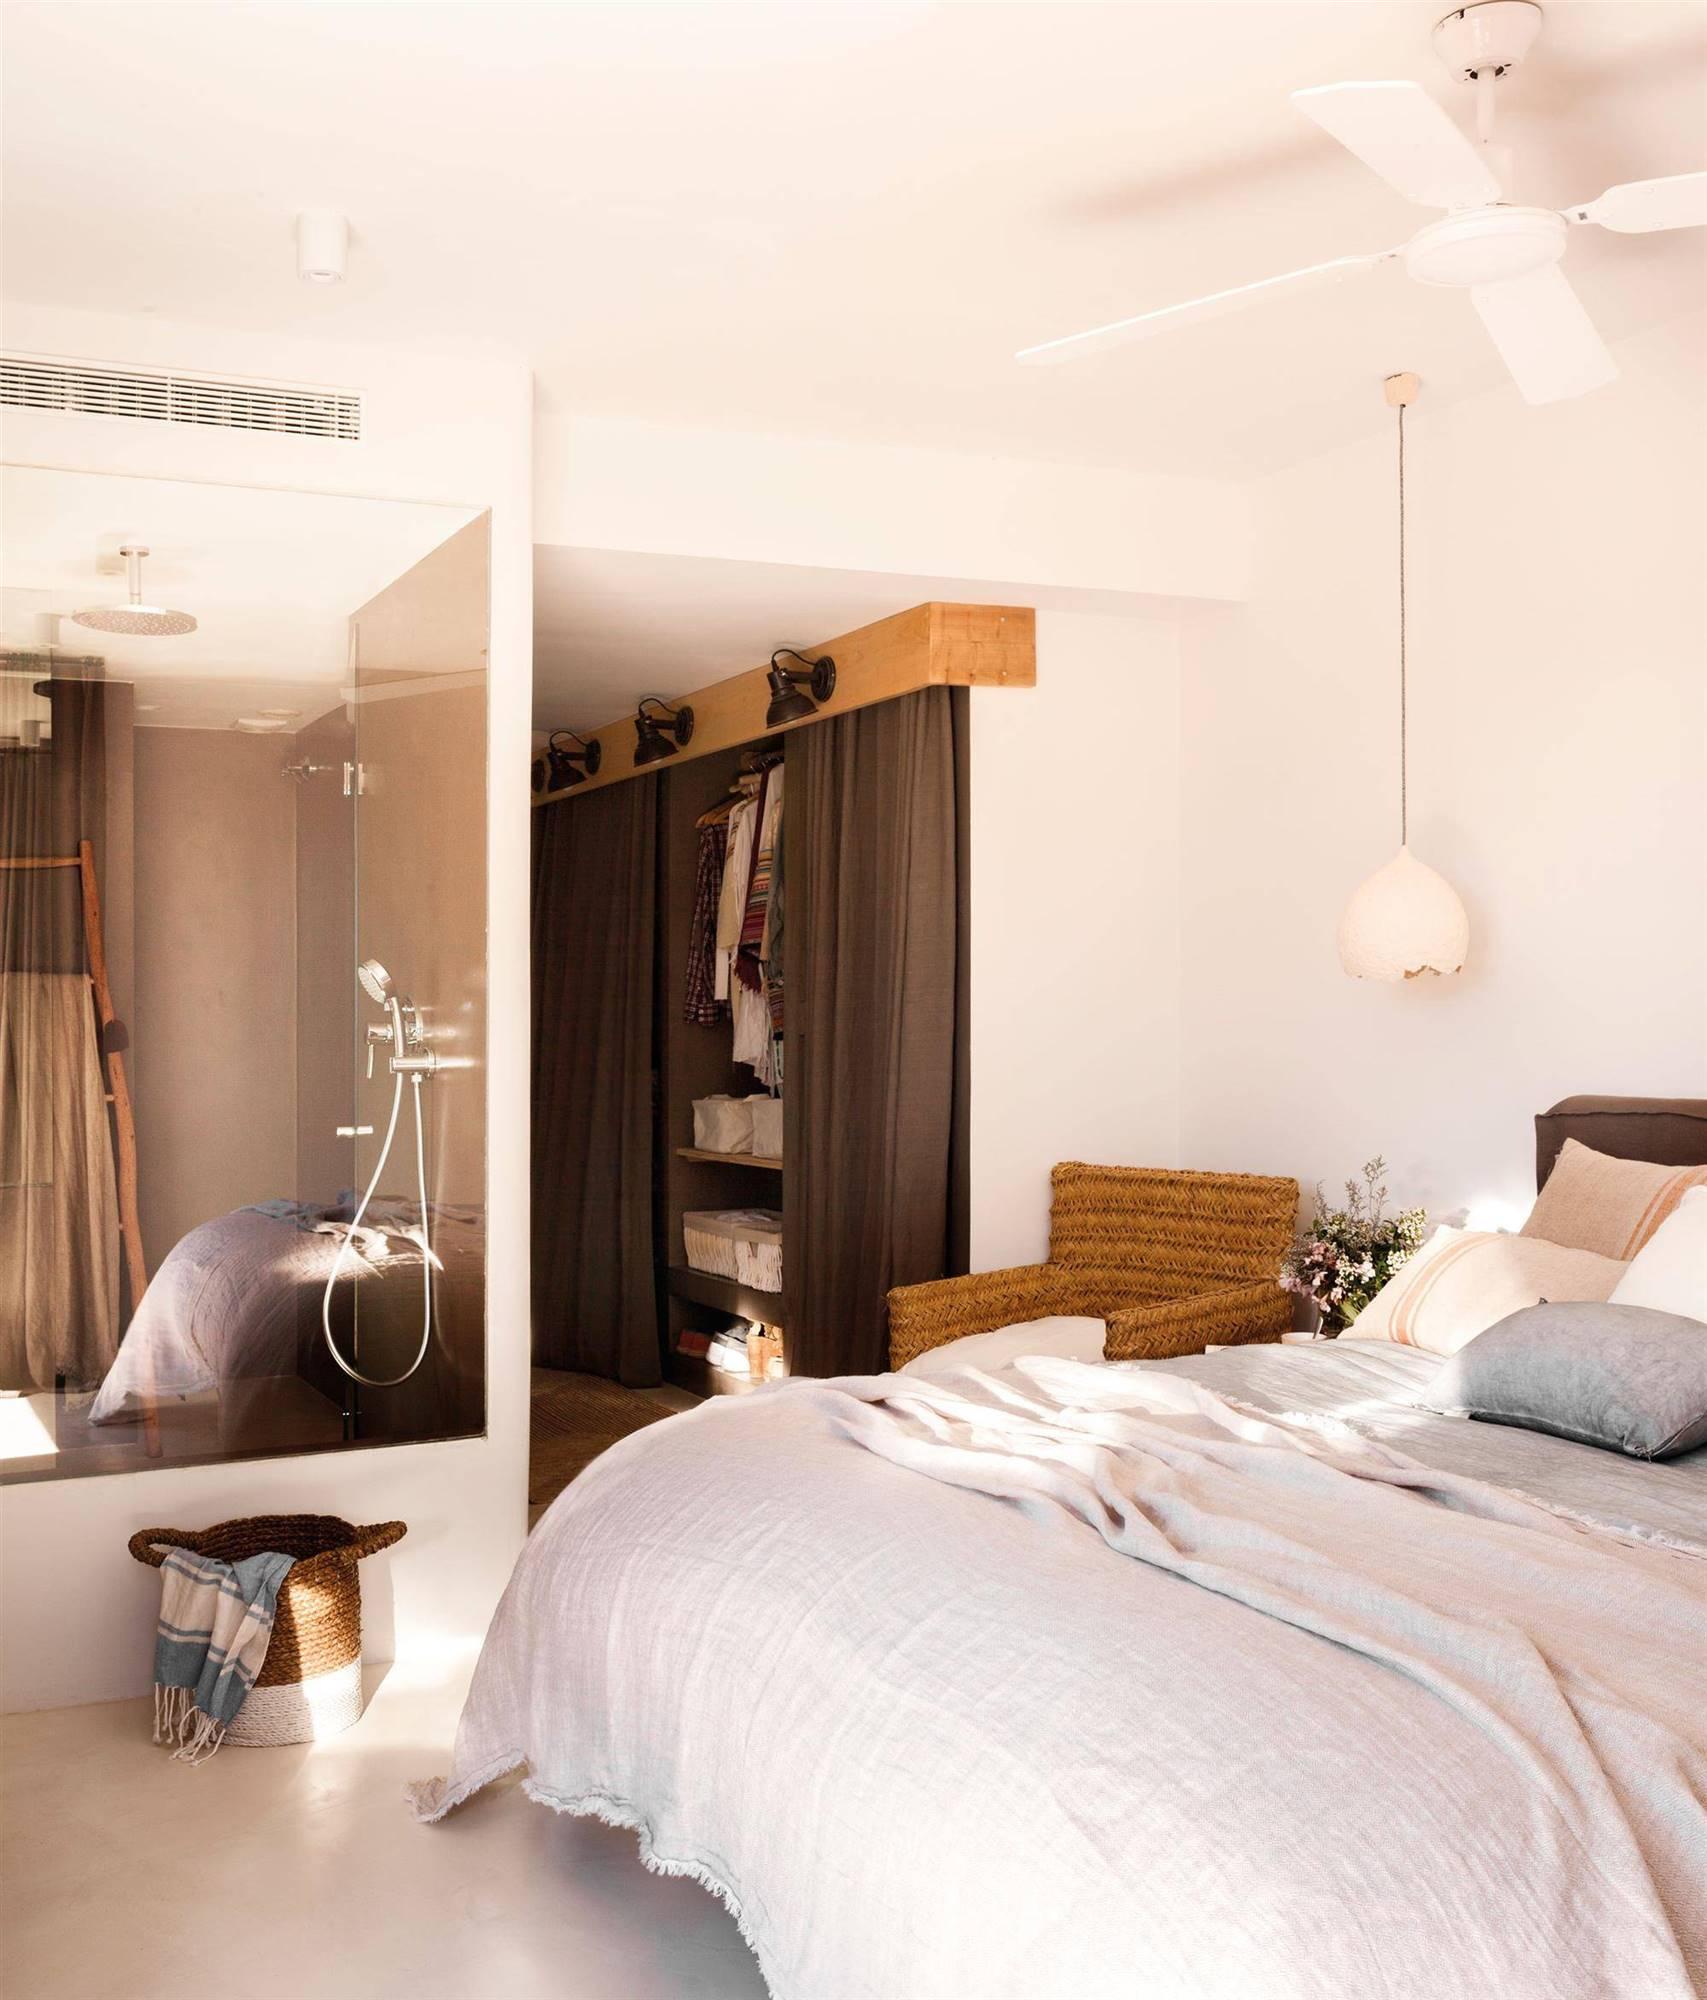 dormitorio en suite con baño integrado con muro de cristal_00436746. Conviértelo en una suite